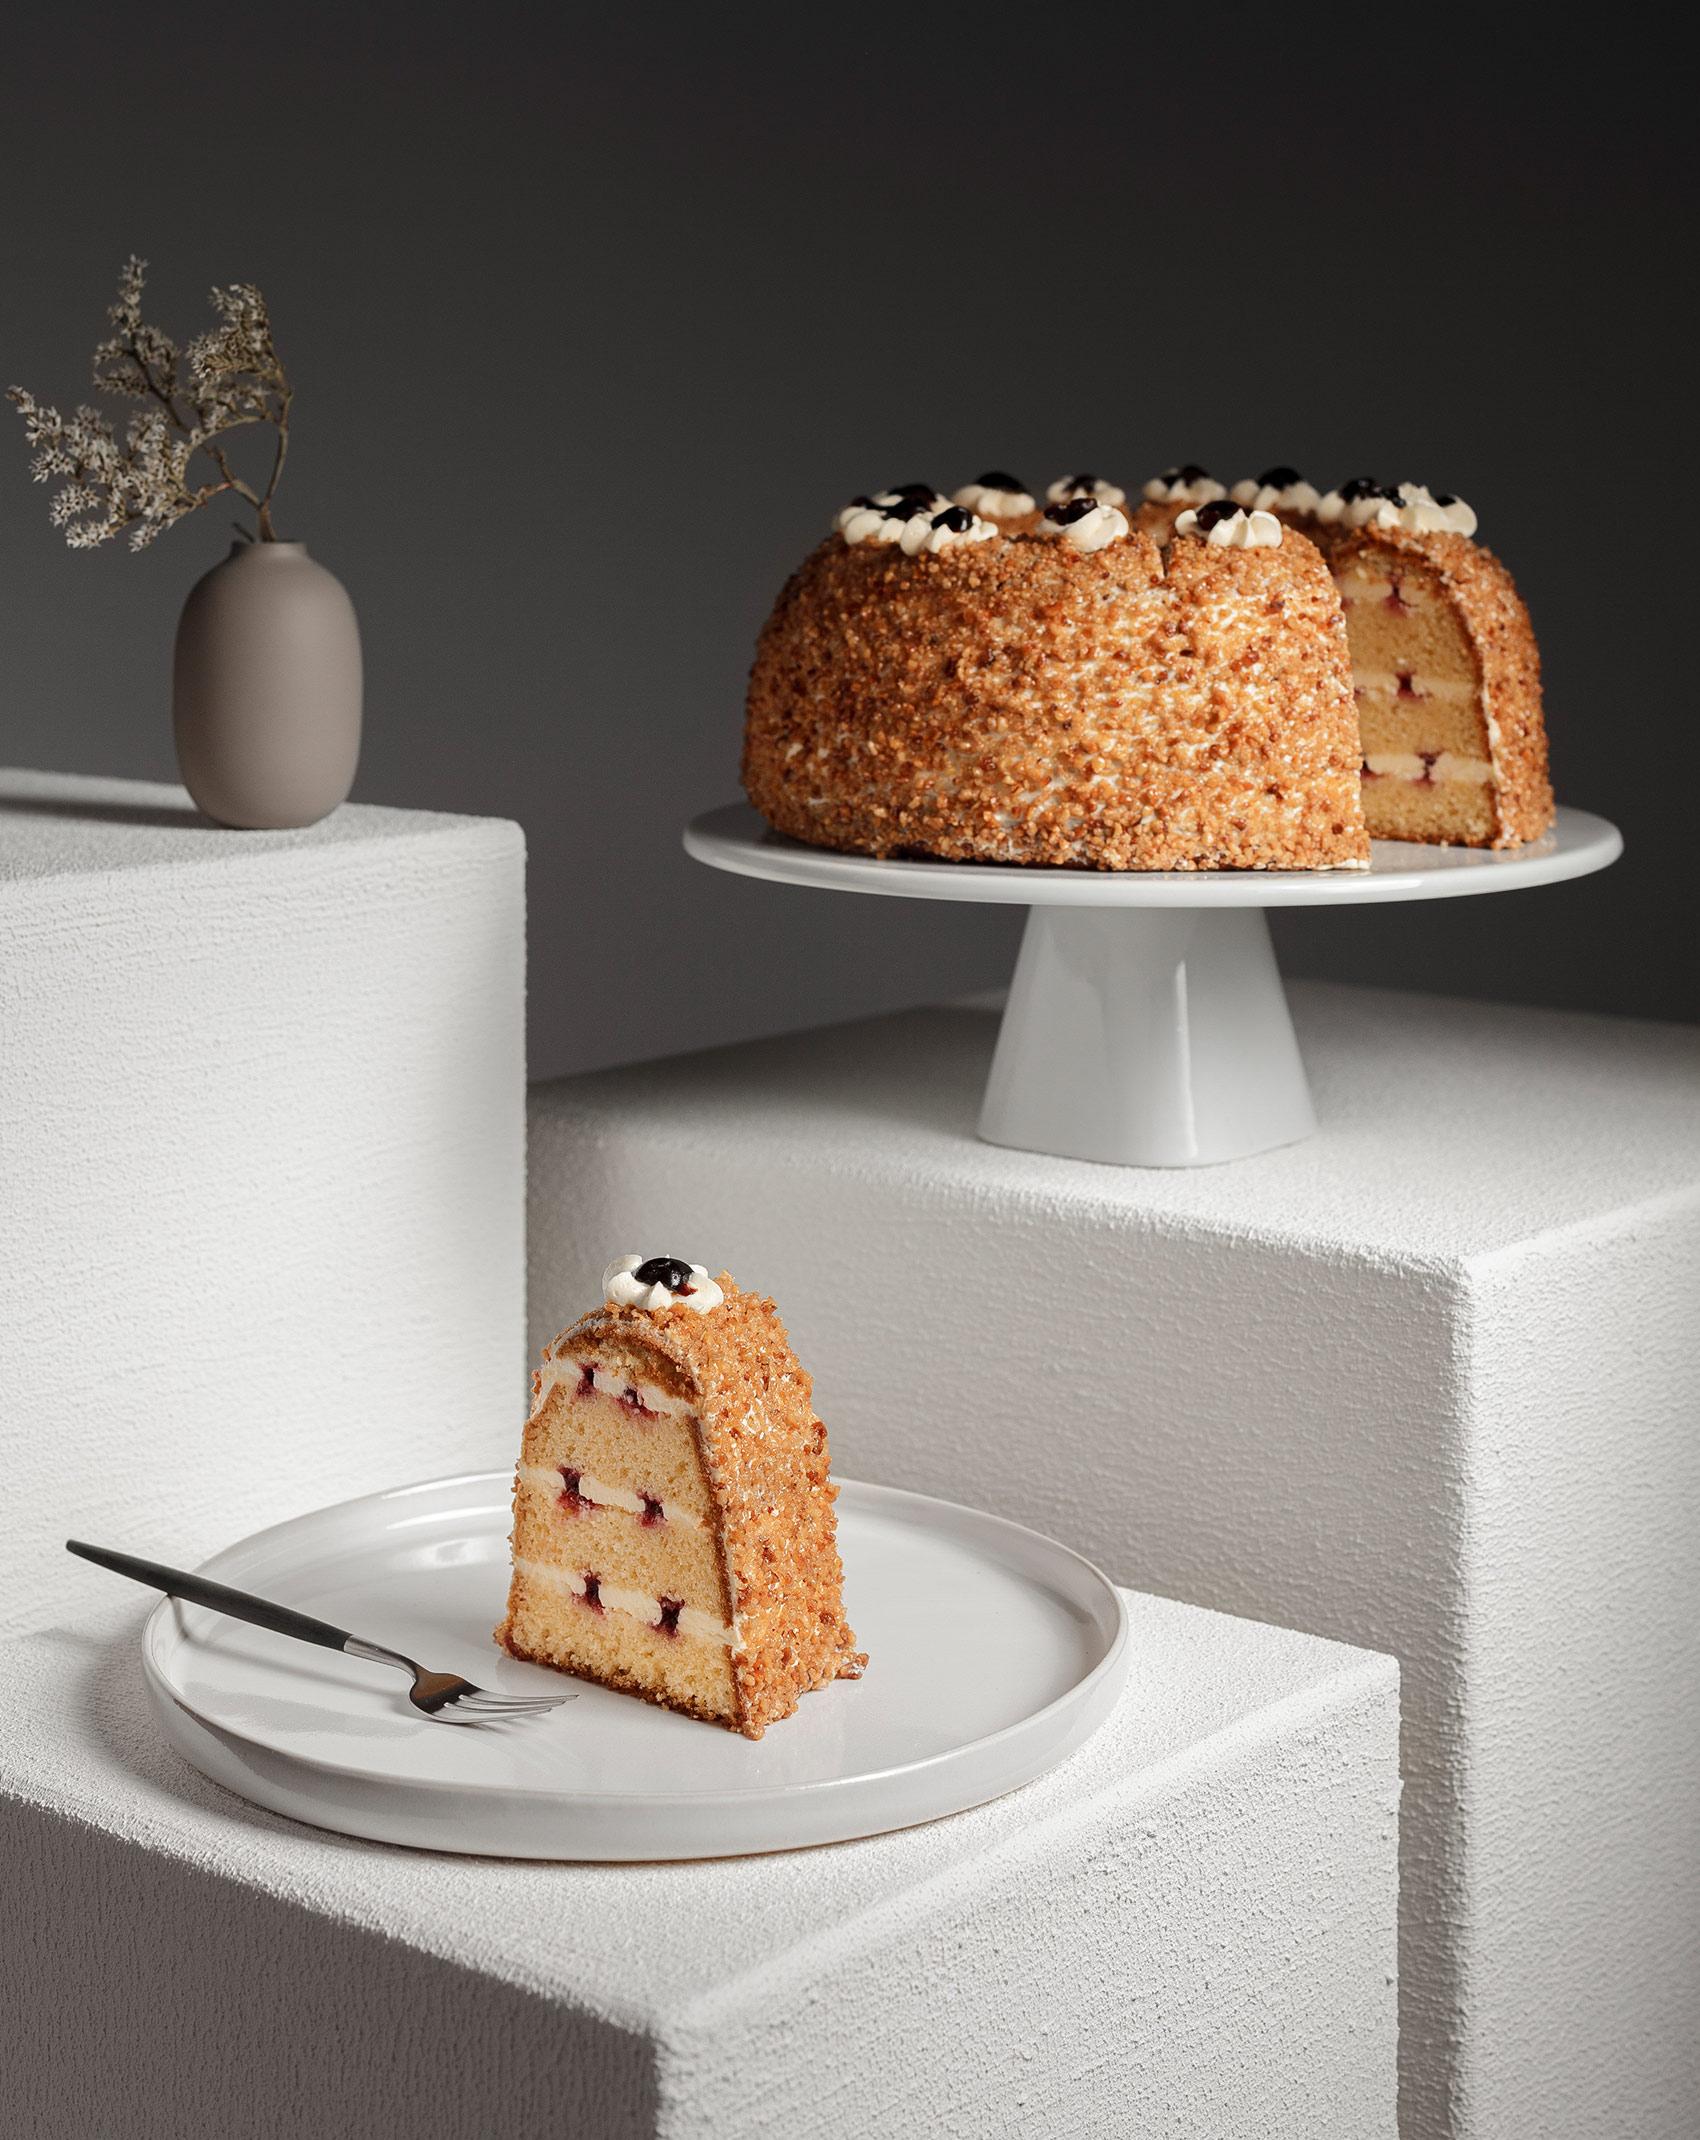 Fotodesign und edle Torten für den neuen Vertriebskatalog der Tiefkühlkonditorei Brommler